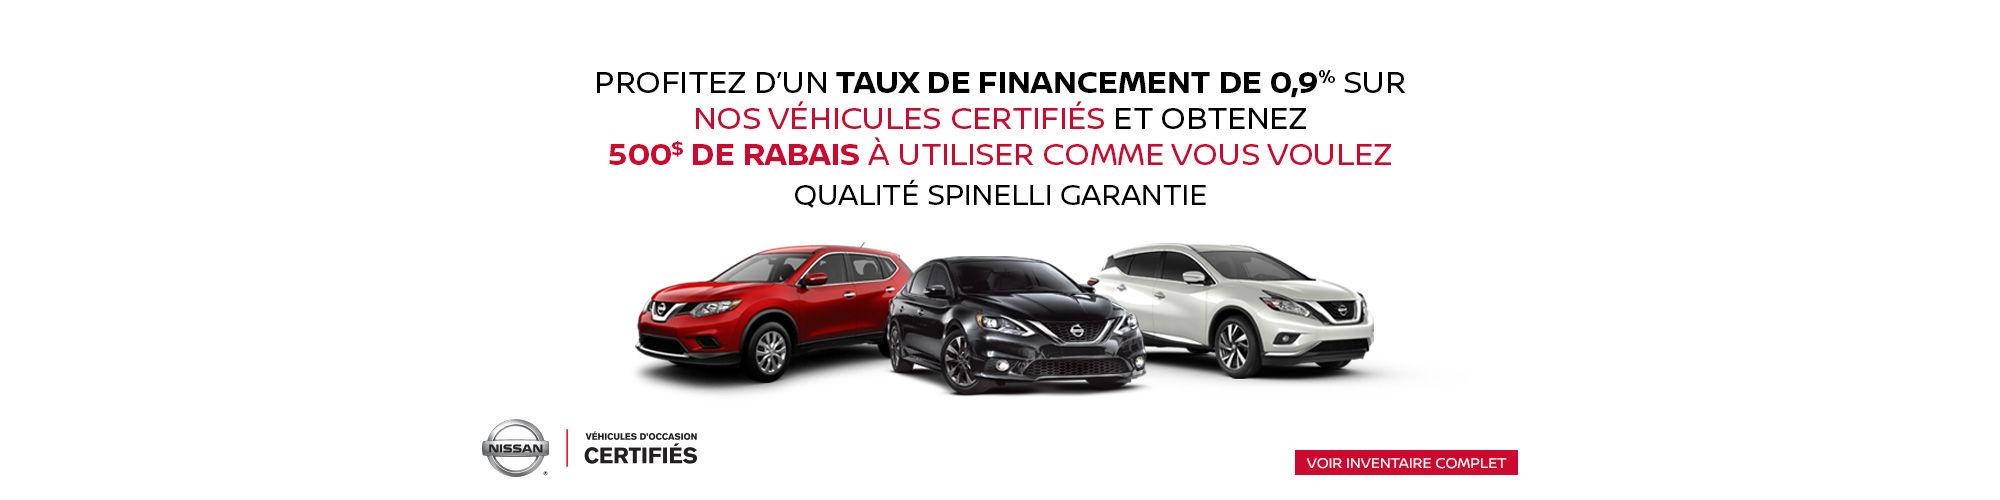 Nissan Véhicules d'occasion Certifiés